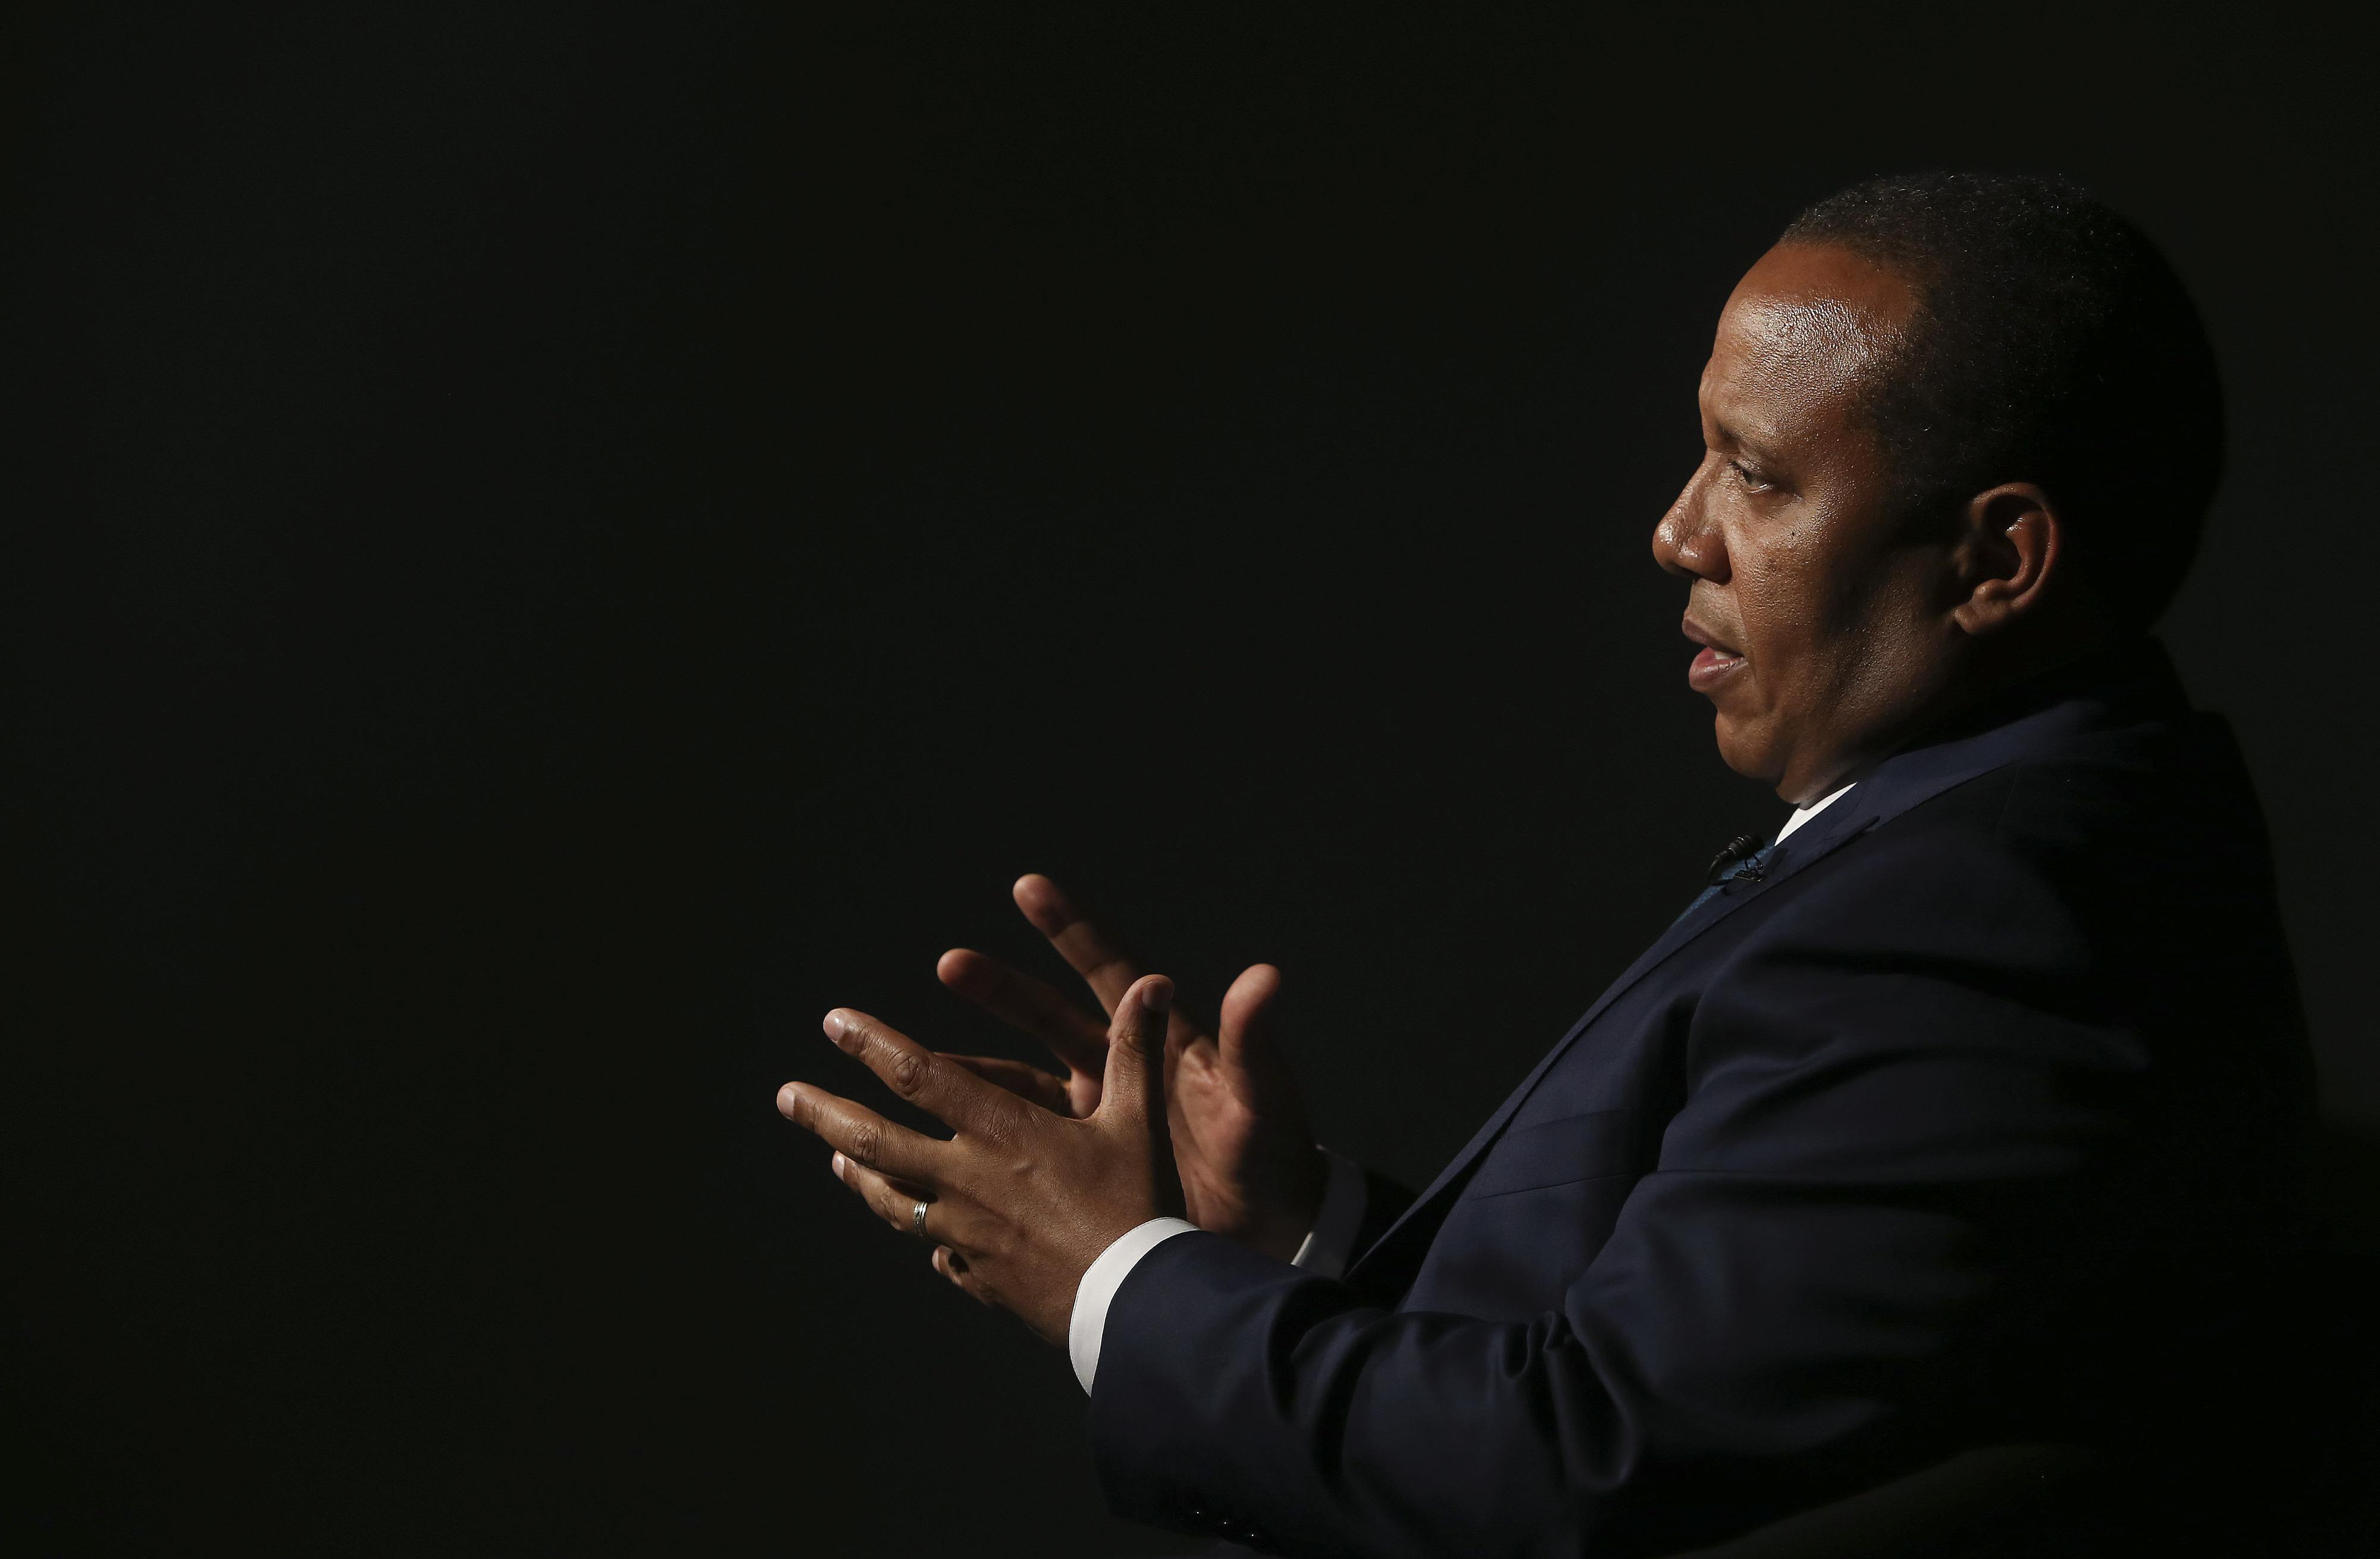 Oposição são-tomense acusa Governo de manter ilegalmente tropas ruandesas no país